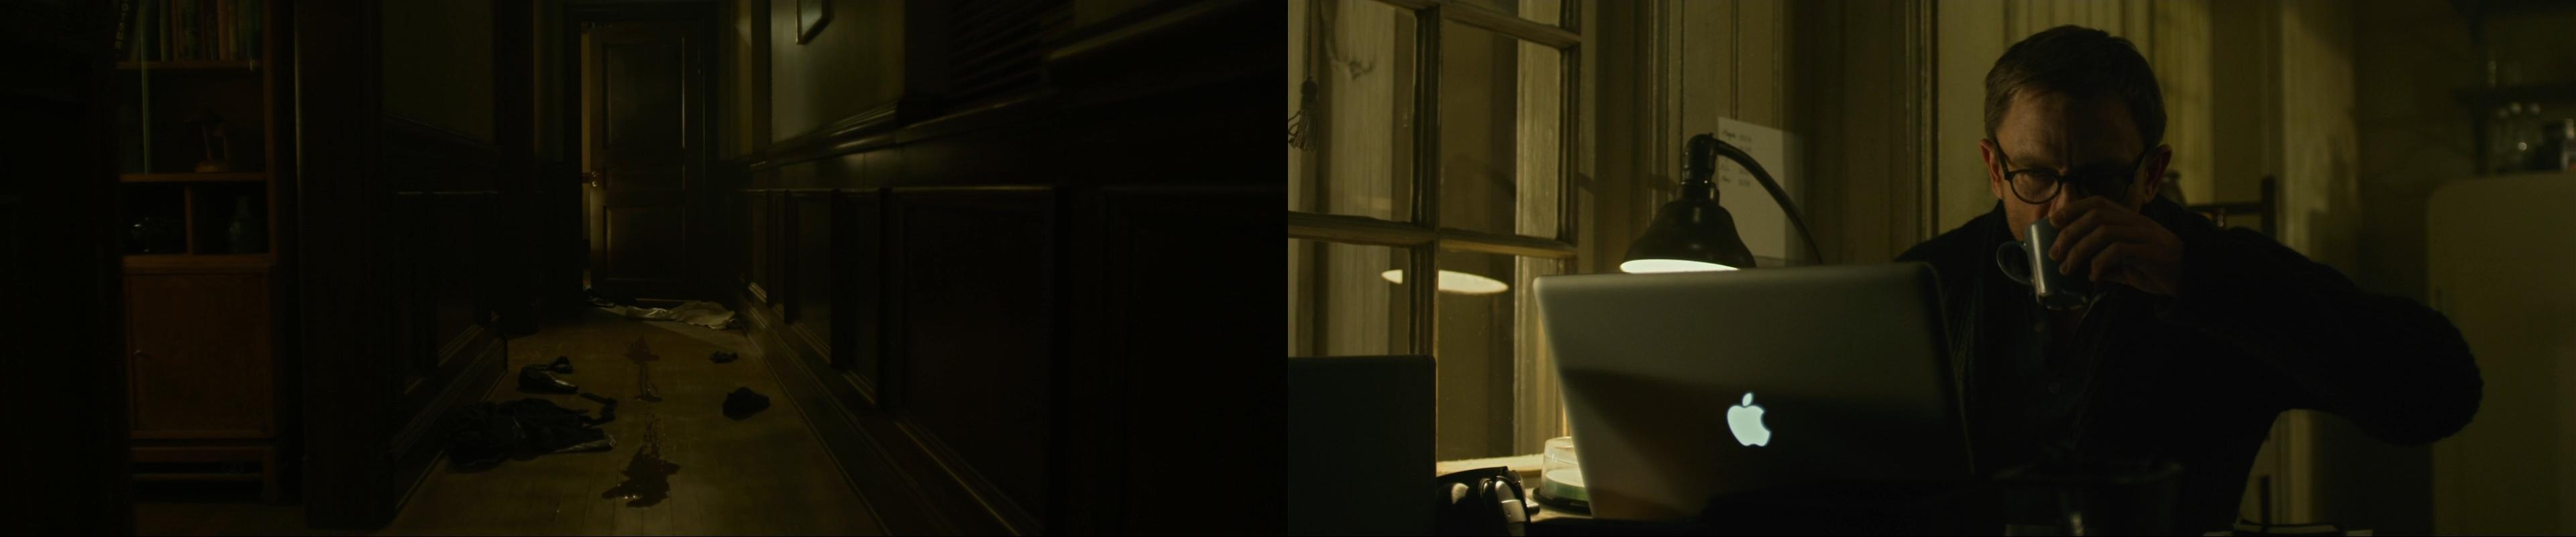 Cinéma - Millénium : Les Hommes qui n'aimaient pas les femmes